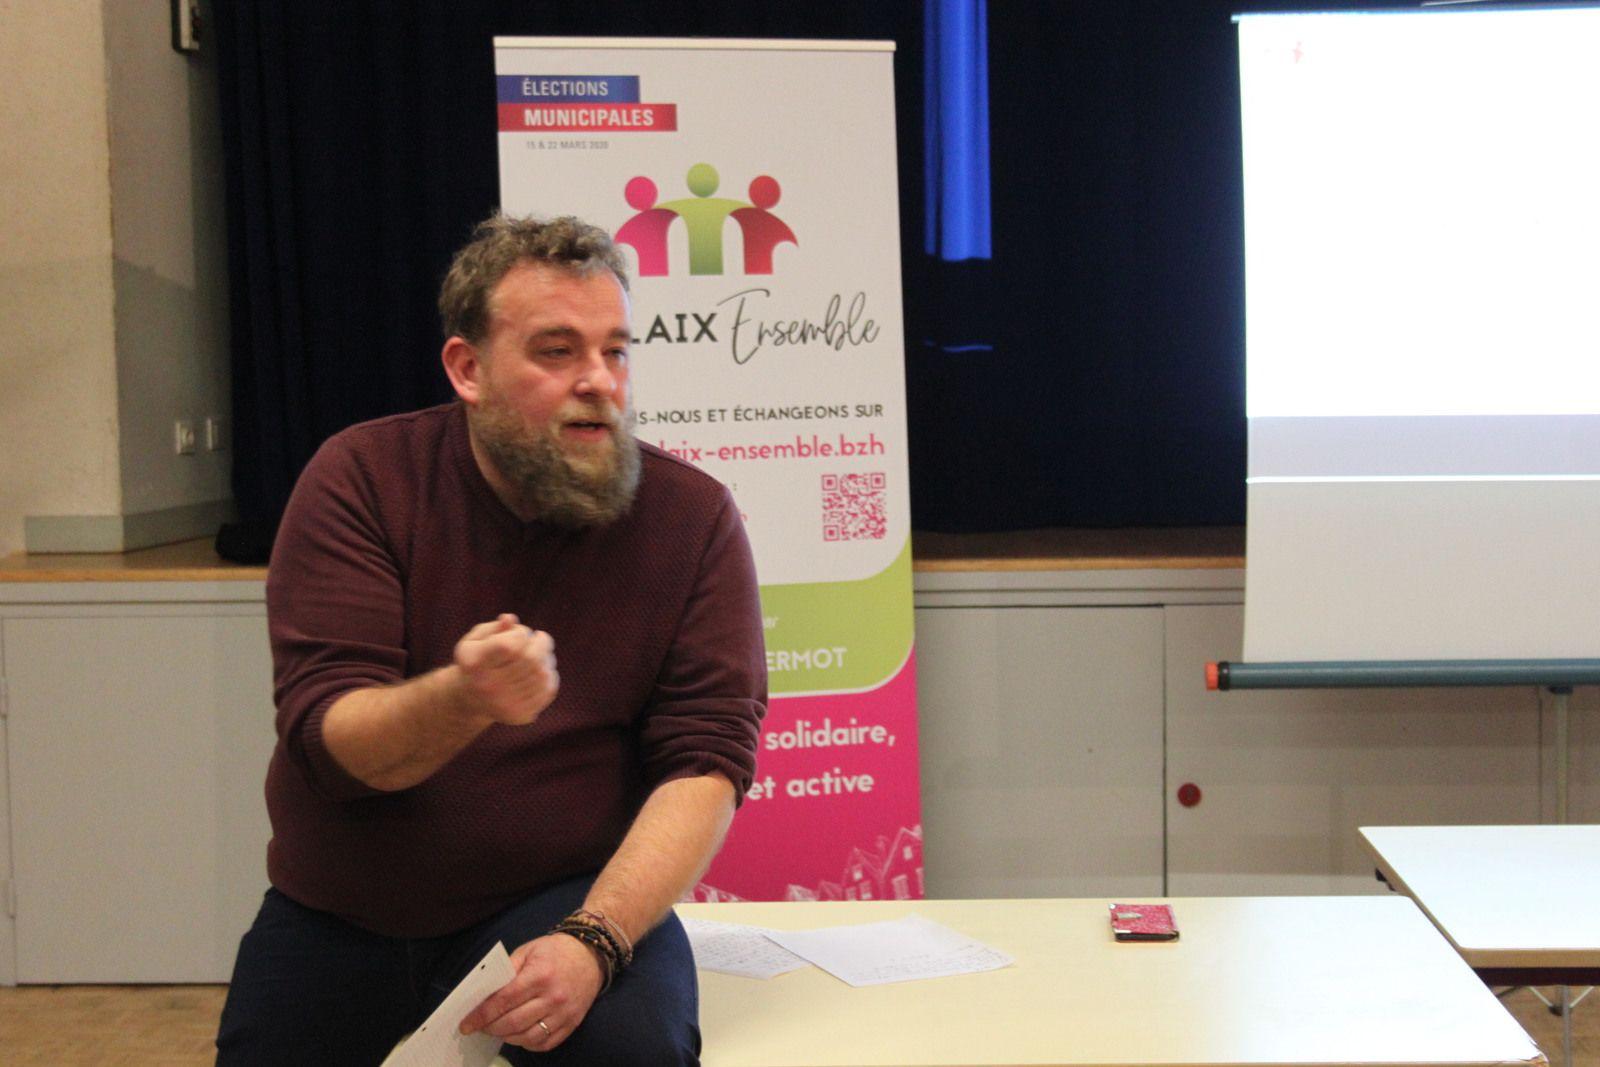 Atelier participatif de Morlaix Ensemble, pour une ville solidaire, écologique et active sur la Santé et les solidarités à Morlaix, à Ploujean, ce jeudi 9 janvier (photos Jean-Luc Le Calvez)